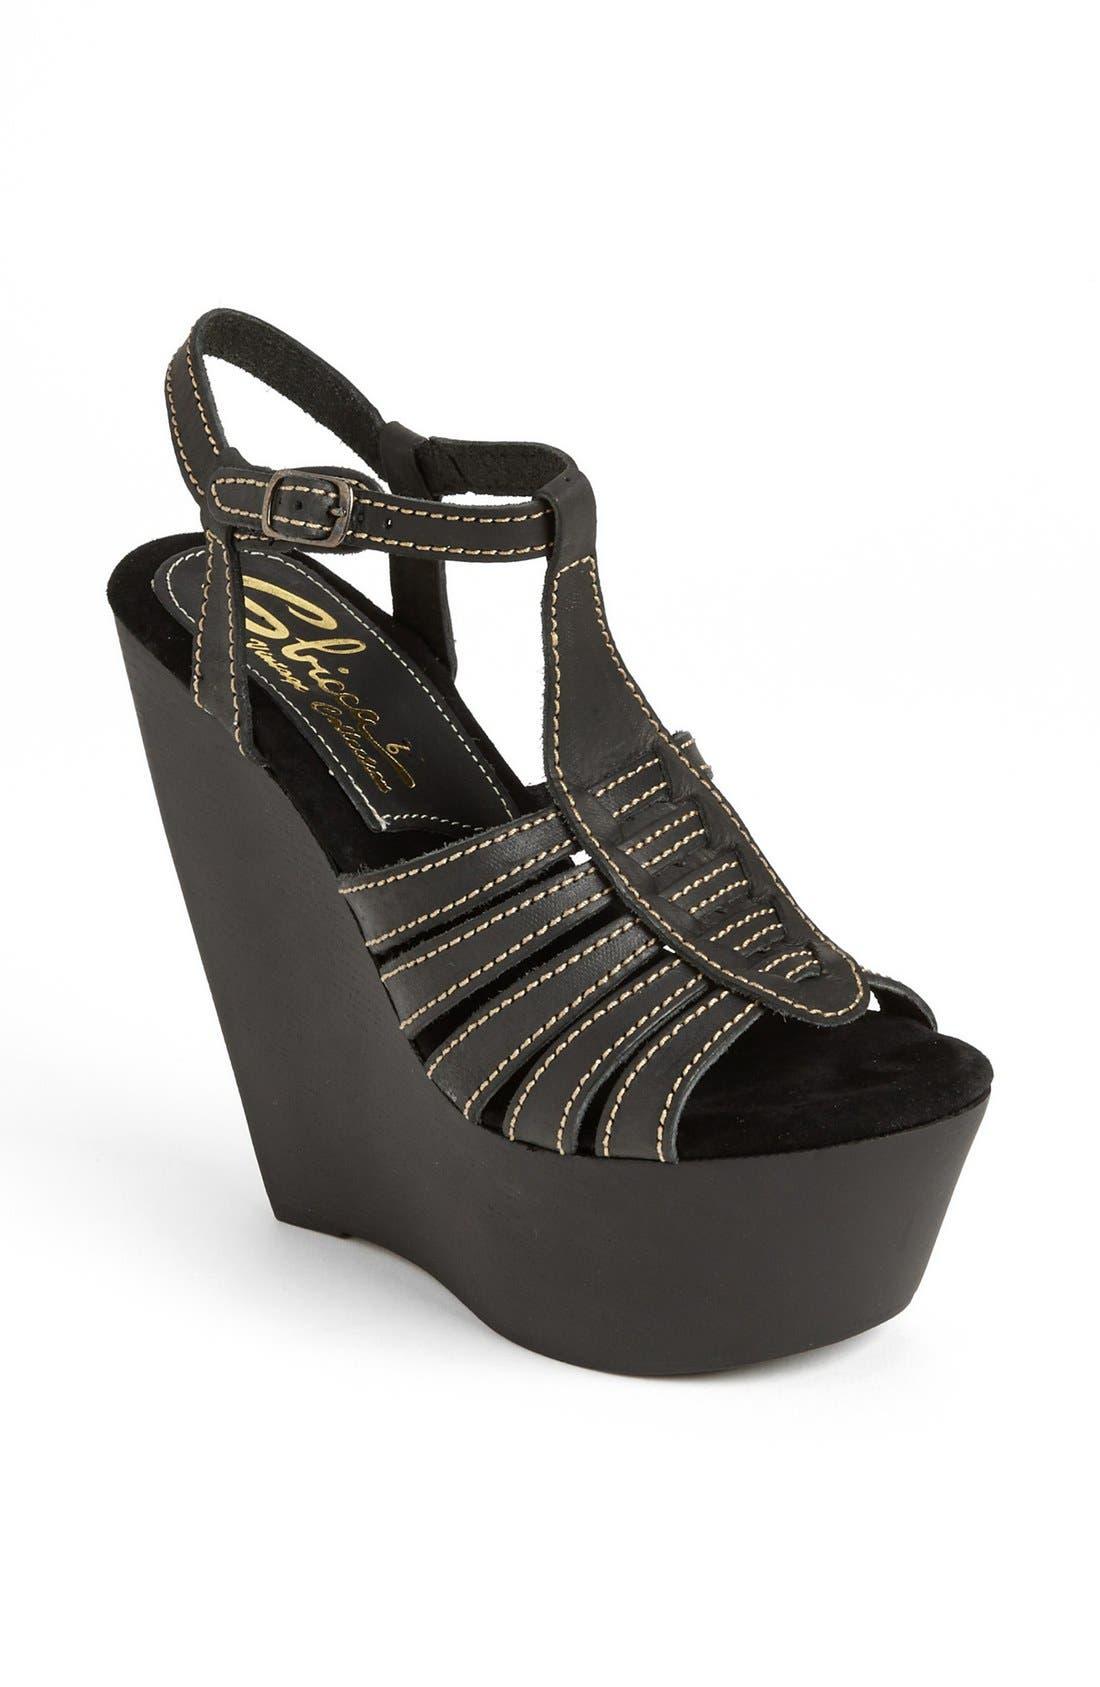 Main Image - Sbicca 'Basalt' Wedge Sandal